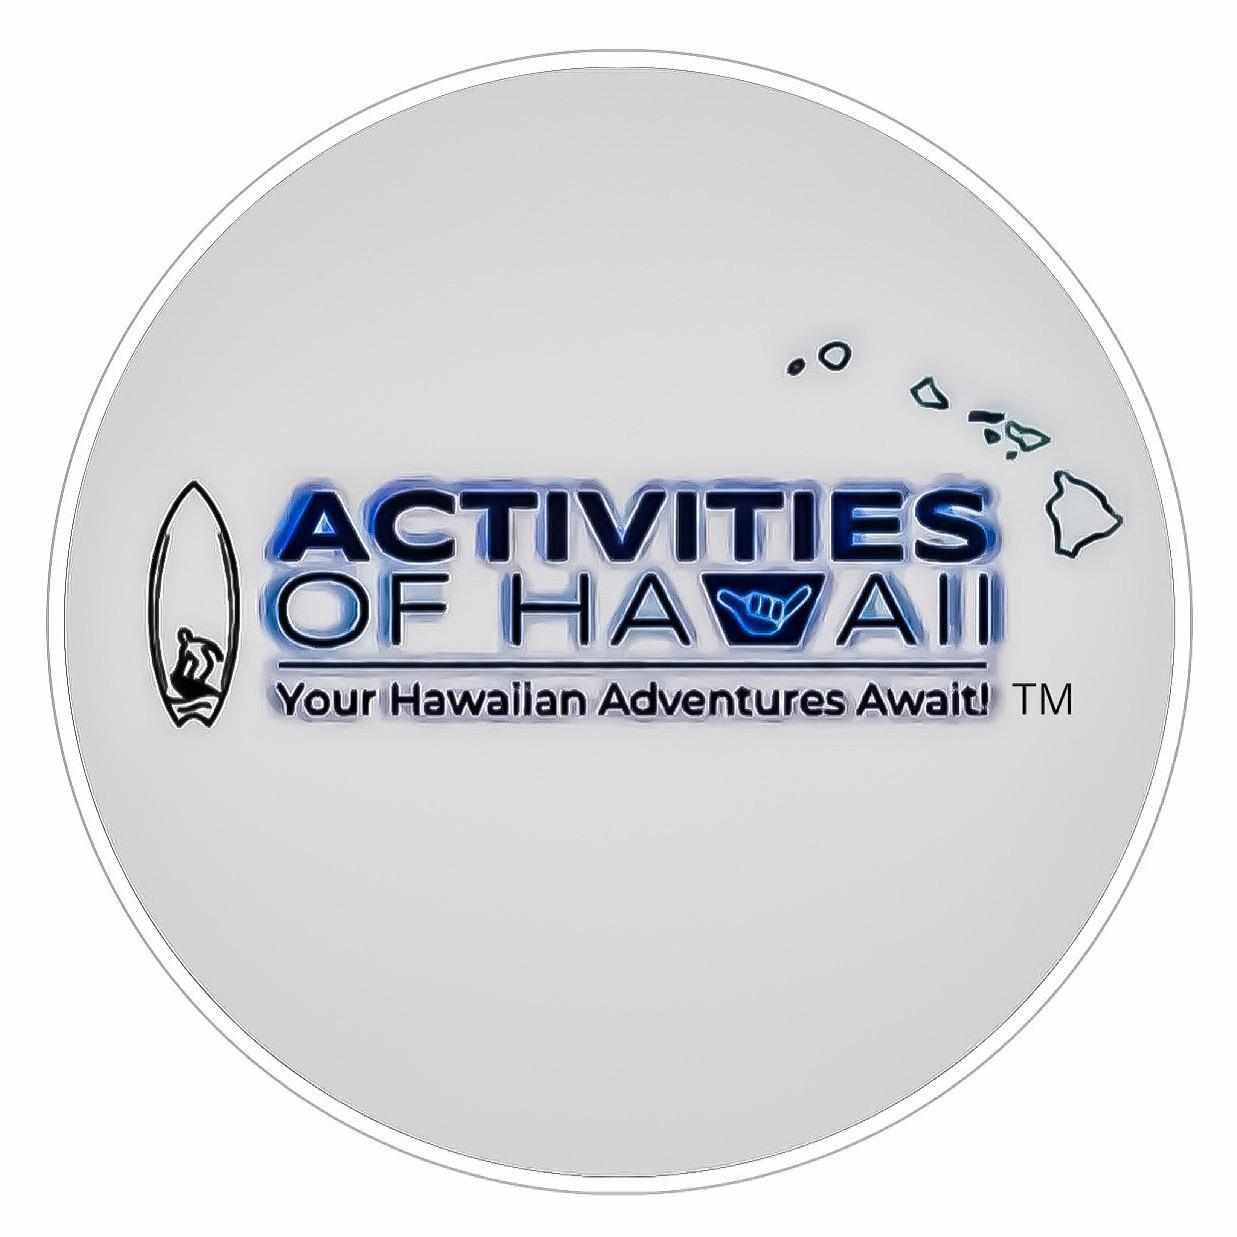 Activities of Hawaii